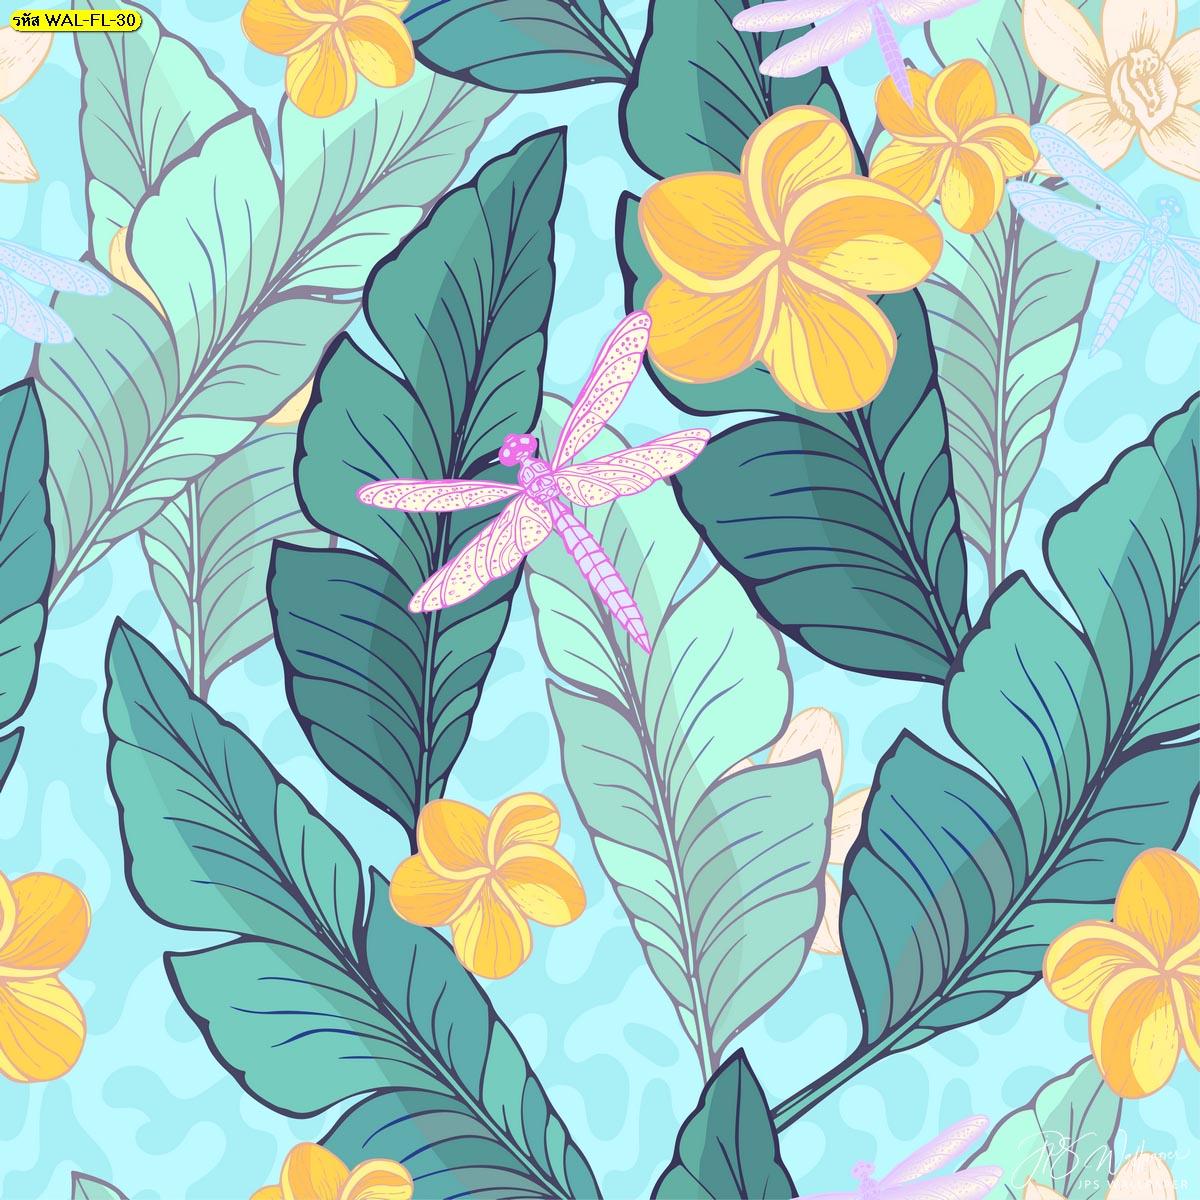 วอลเปเปอร์ต่อลายใบไม้สีฟ้าและดอกไม้เหลือง วอลเปเปอร์ลายใบไม้พื้นหลังสีฟ้า